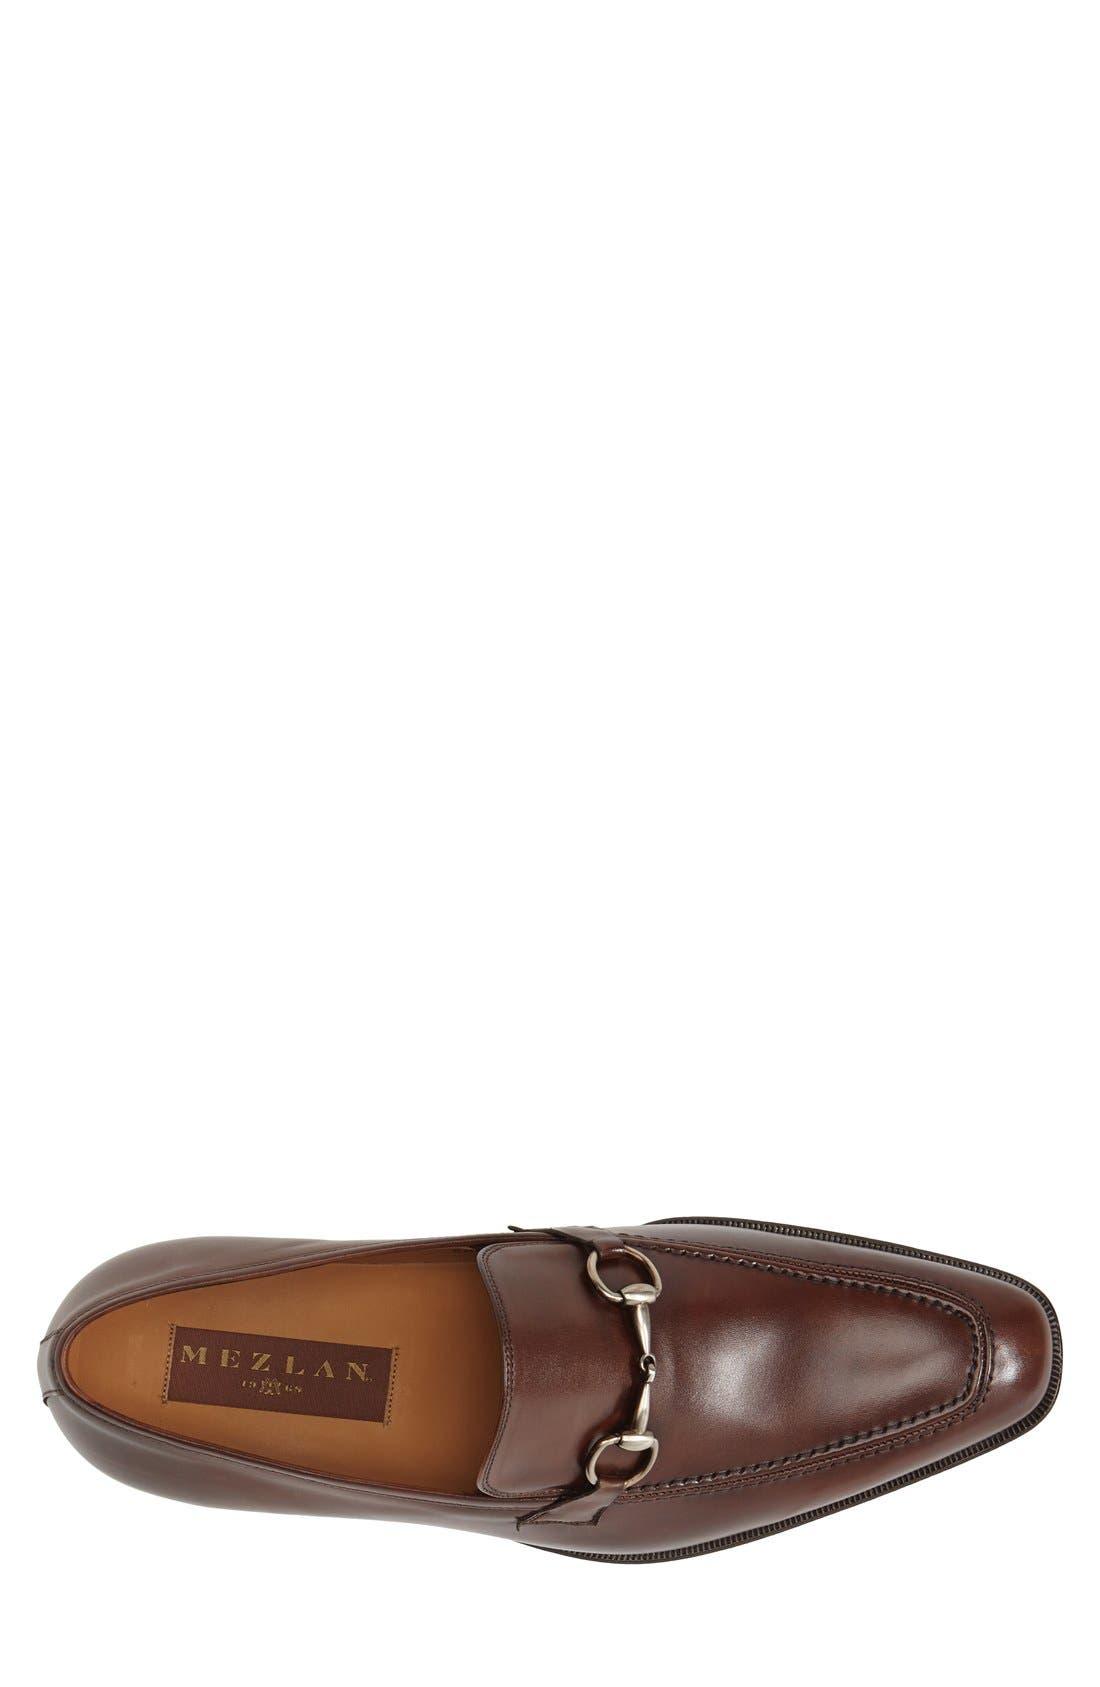 'Tours' Leather Bit Loafer,                             Alternate thumbnail 3, color,                             Cognac